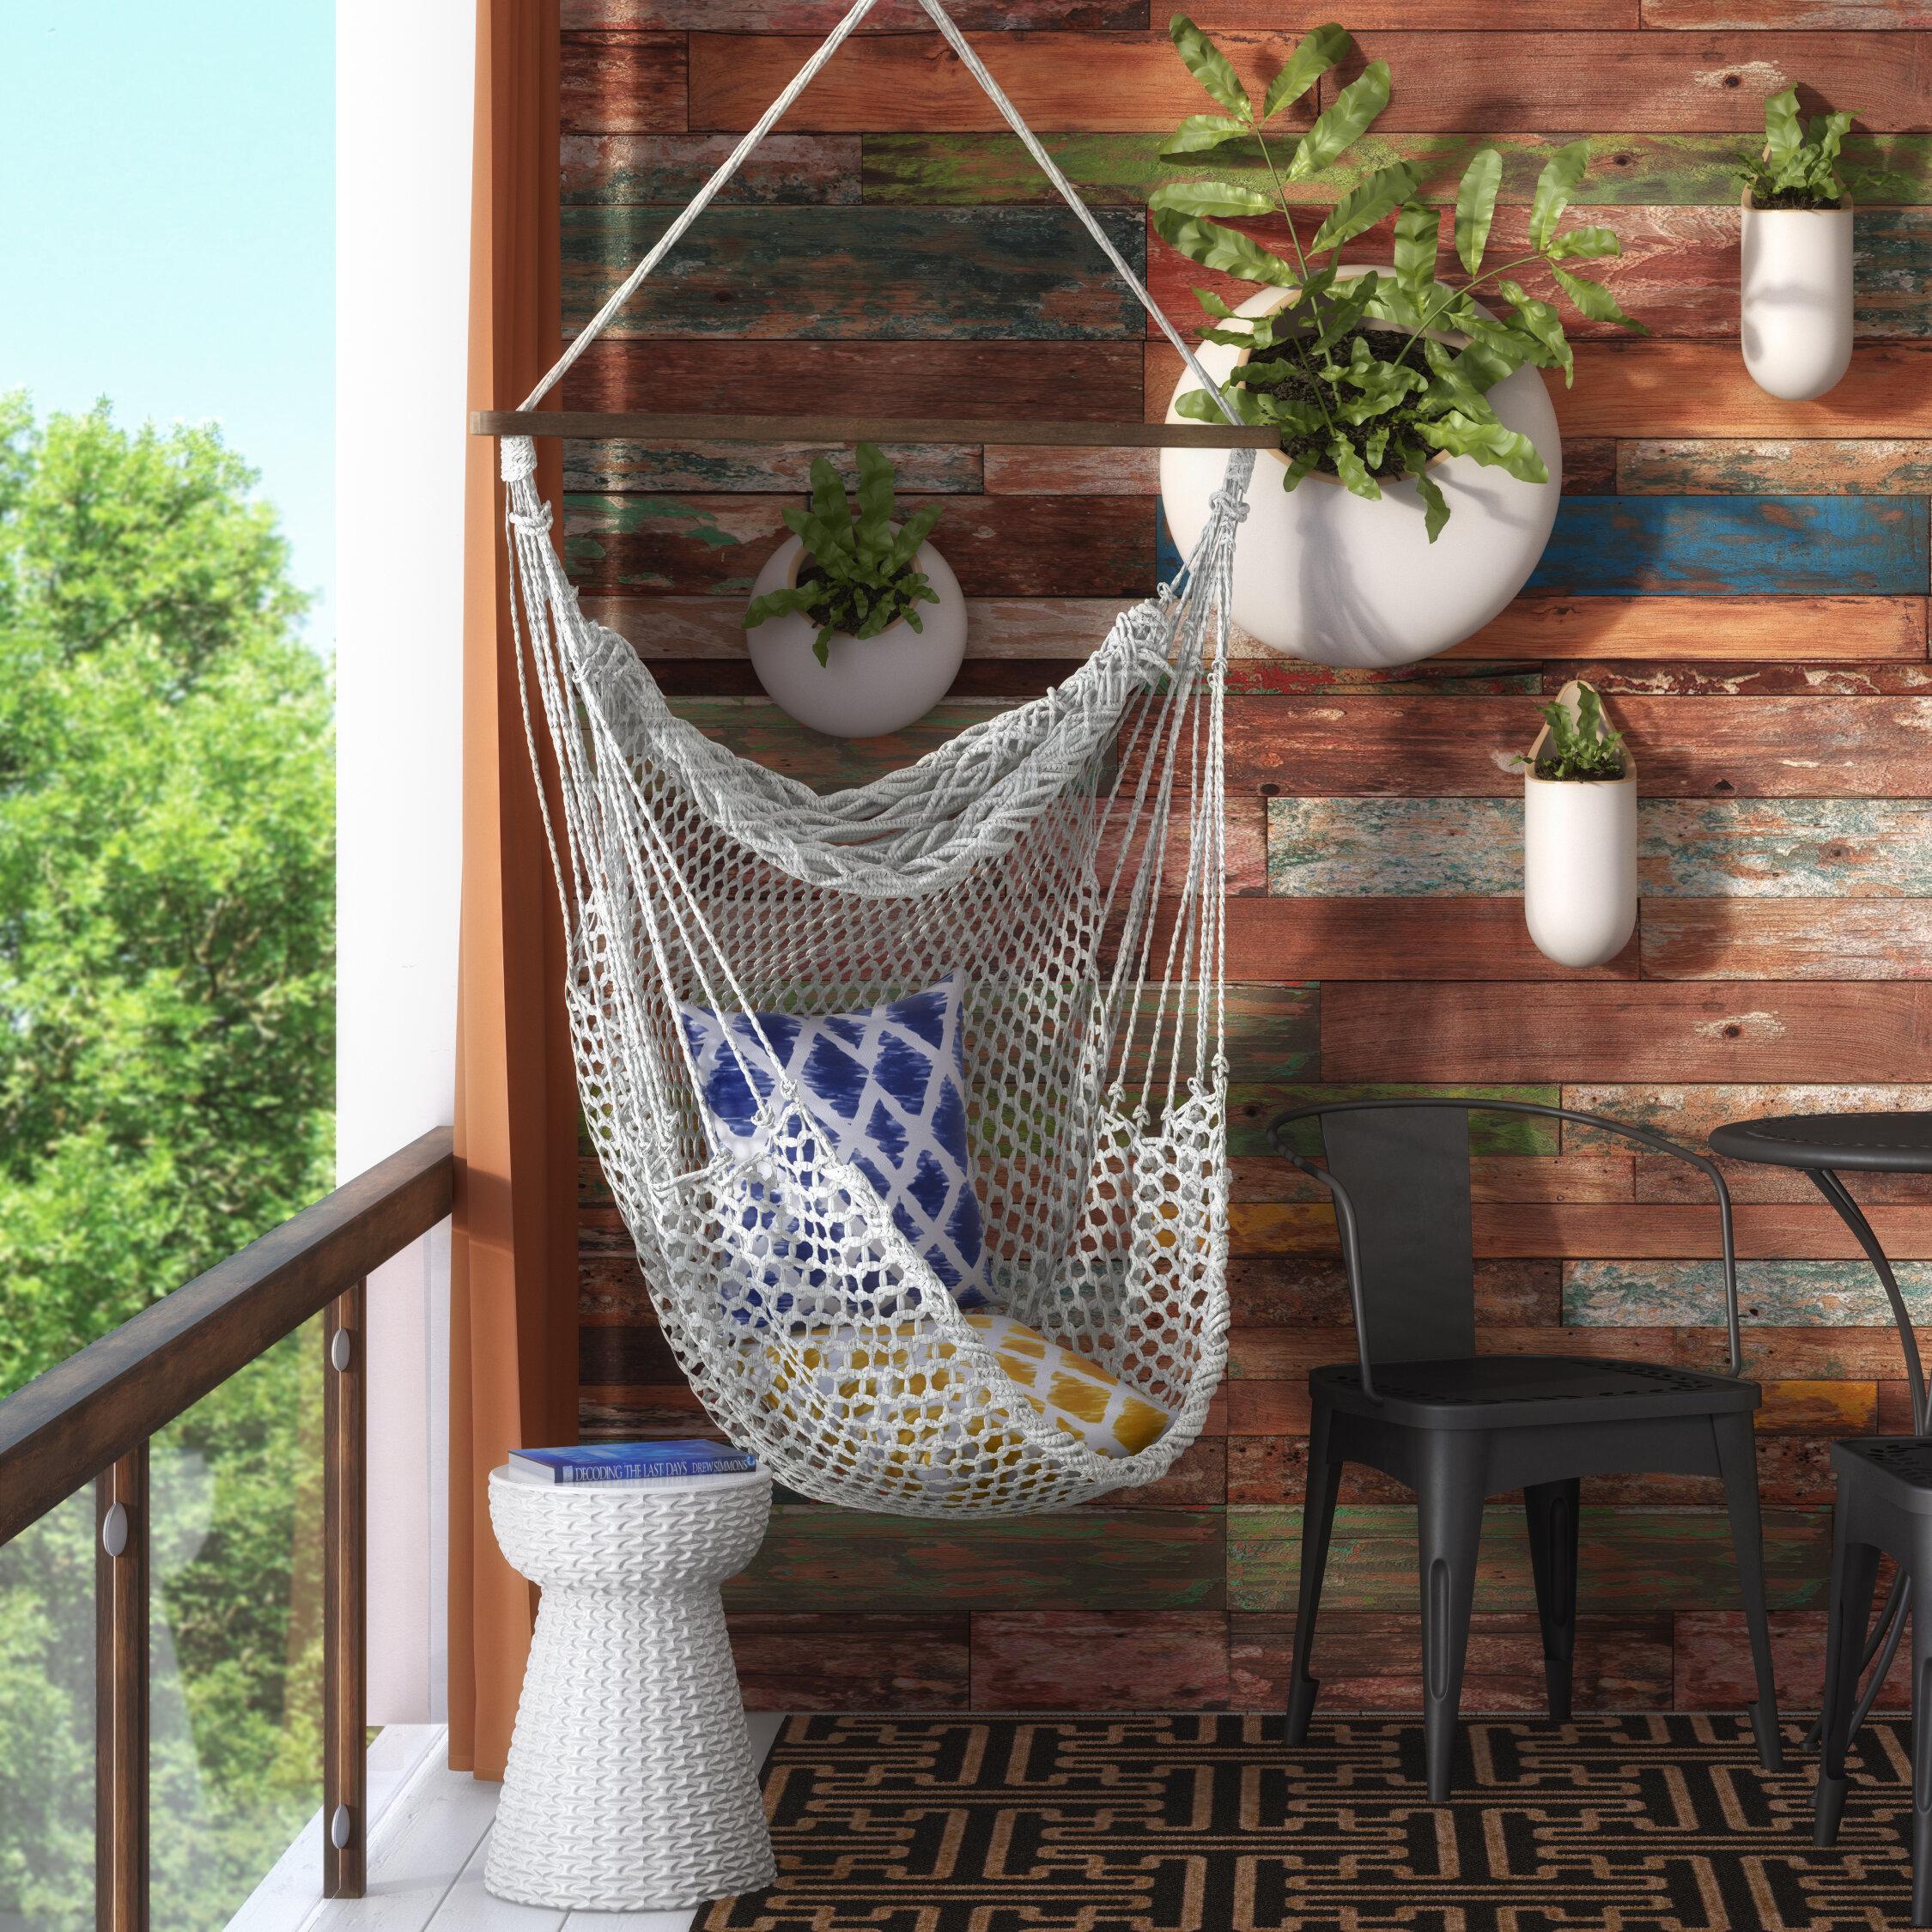 hammock baby l gear amazonas hanging weatherproof hanger metal charming yellow hammocks and chair indoor kids swinger